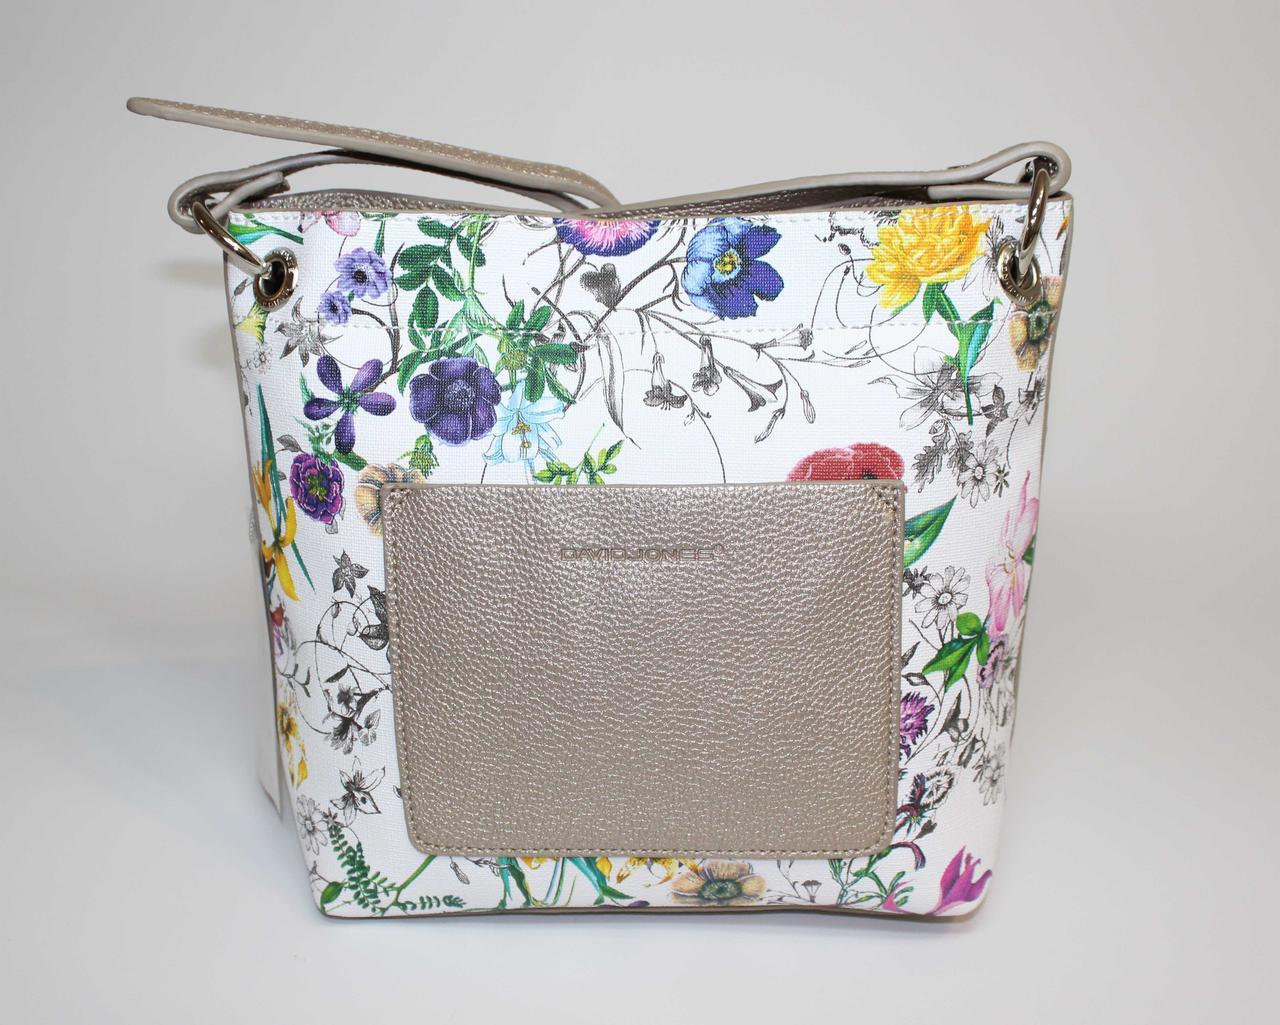 37c7211974d8 Маленькая женская сумочка в цветочный принт - Komodd - Женские сумки,рюкзачки,спортивные  сумки